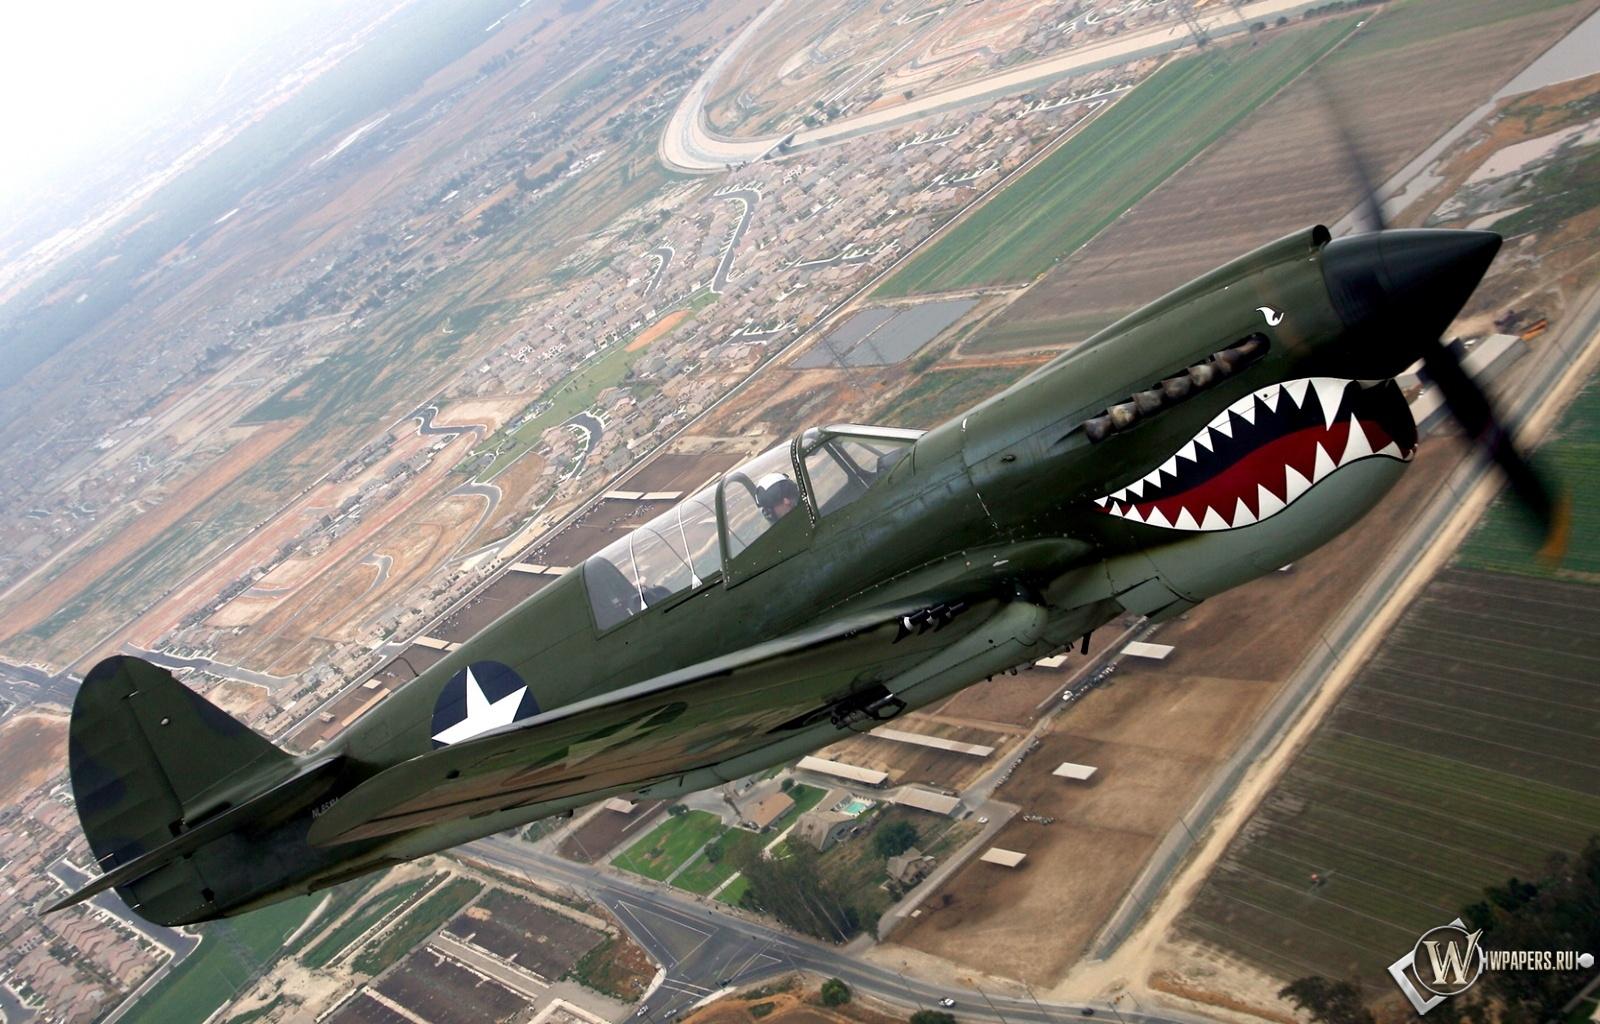 Curtiss P-40 1600x1024